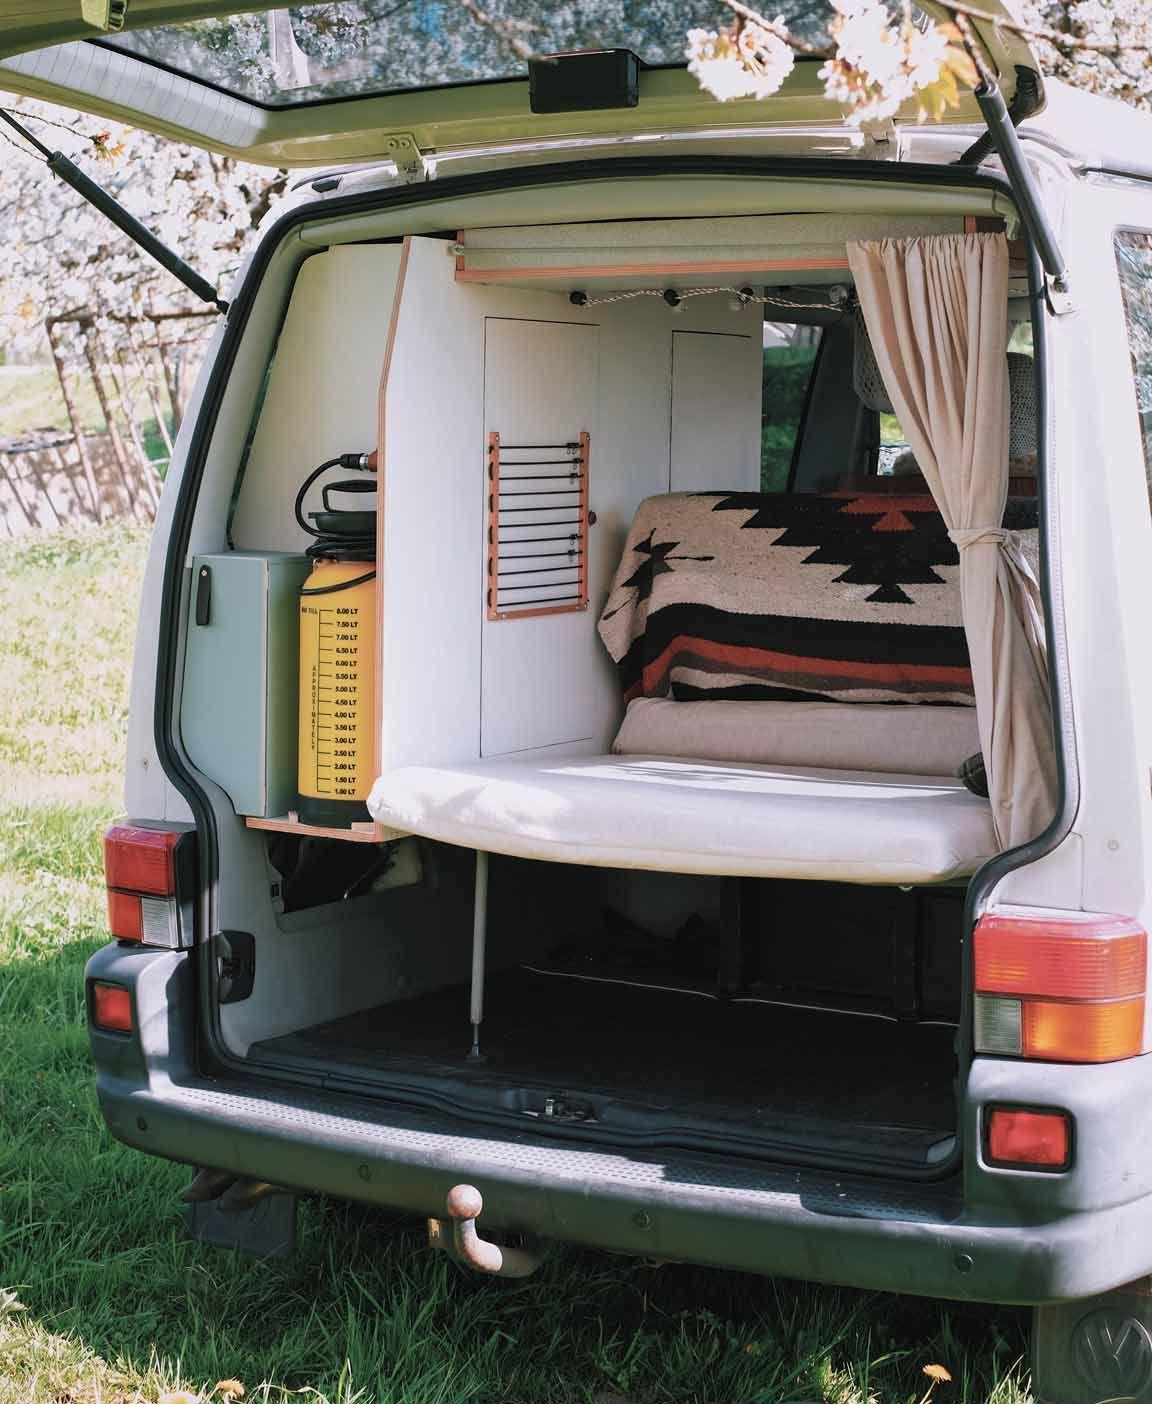 vw t4 camper ausbau der erfahrungsbericht von pinepins vw t4 camper campingbus und camper. Black Bedroom Furniture Sets. Home Design Ideas